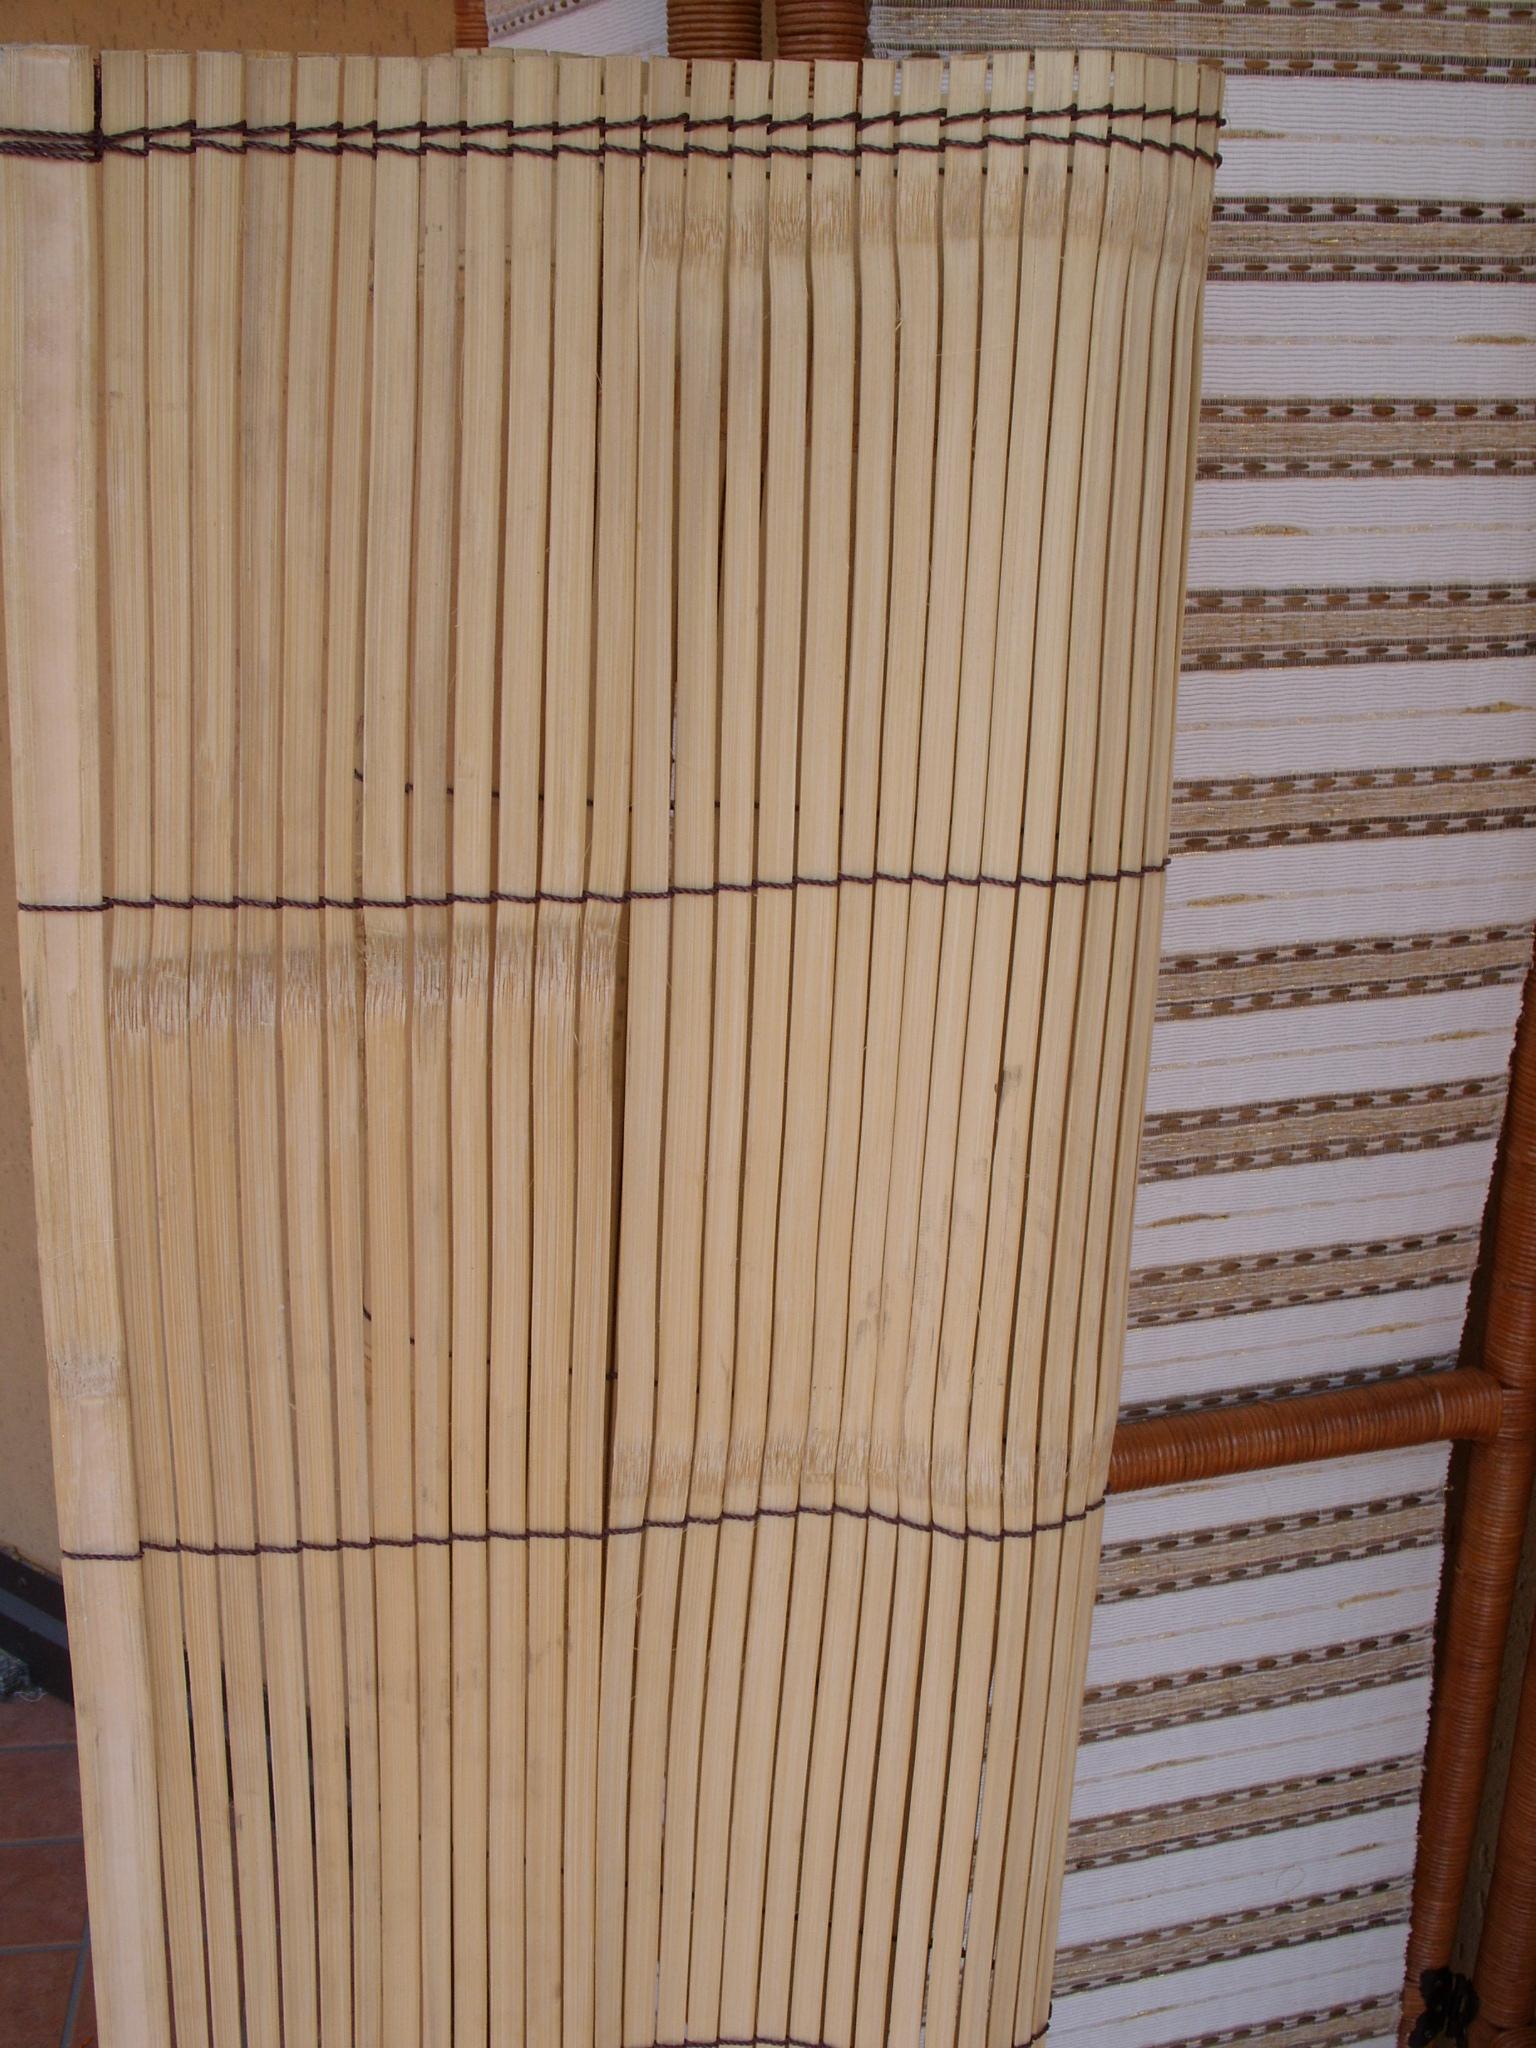 Luci Per Tettoia In Legno stuoia bamboo recinzione tettoia giardino pergolato staccionata paravento  separe' per gazebo esterno interno varie misure